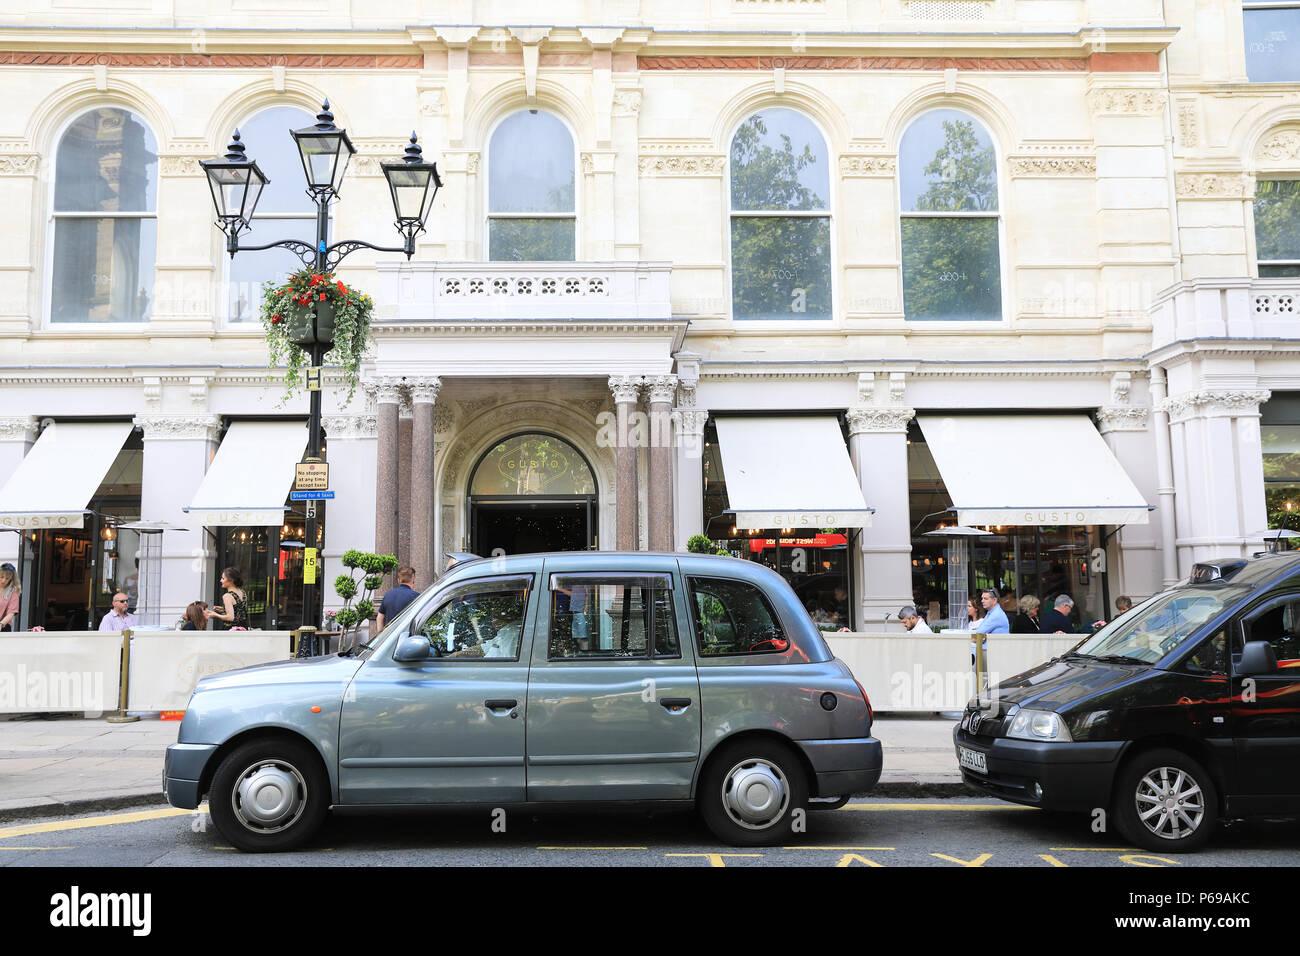 Ristorante gusto presso il rinnovato Grand Hotel su Colmore Row, a Birmingham il distretto commerciale, nel West Midlands, Regno Unito Immagini Stock